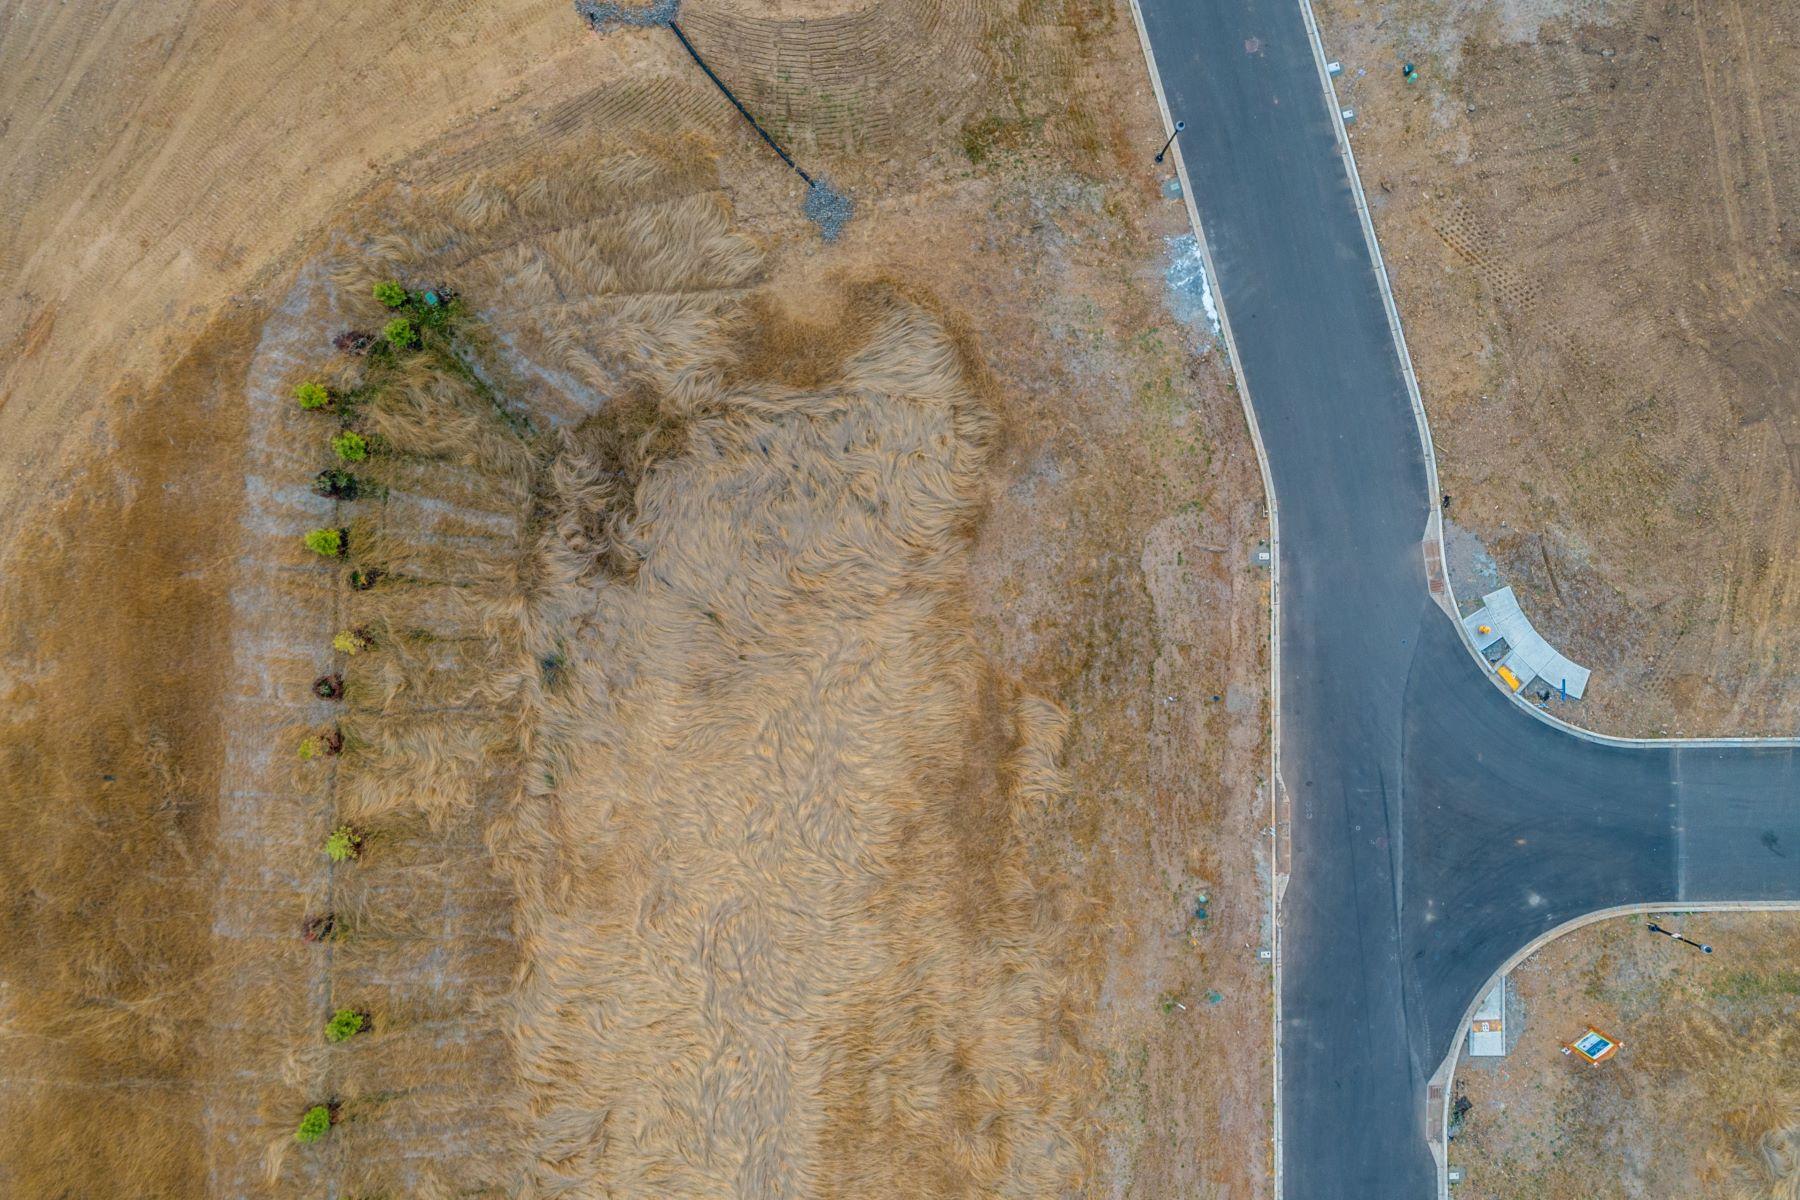 Đất đai vì Bán tại 3530 NW McMaster DR Camas, WA 98607 Camas, Washington 98607 Hoa Kỳ